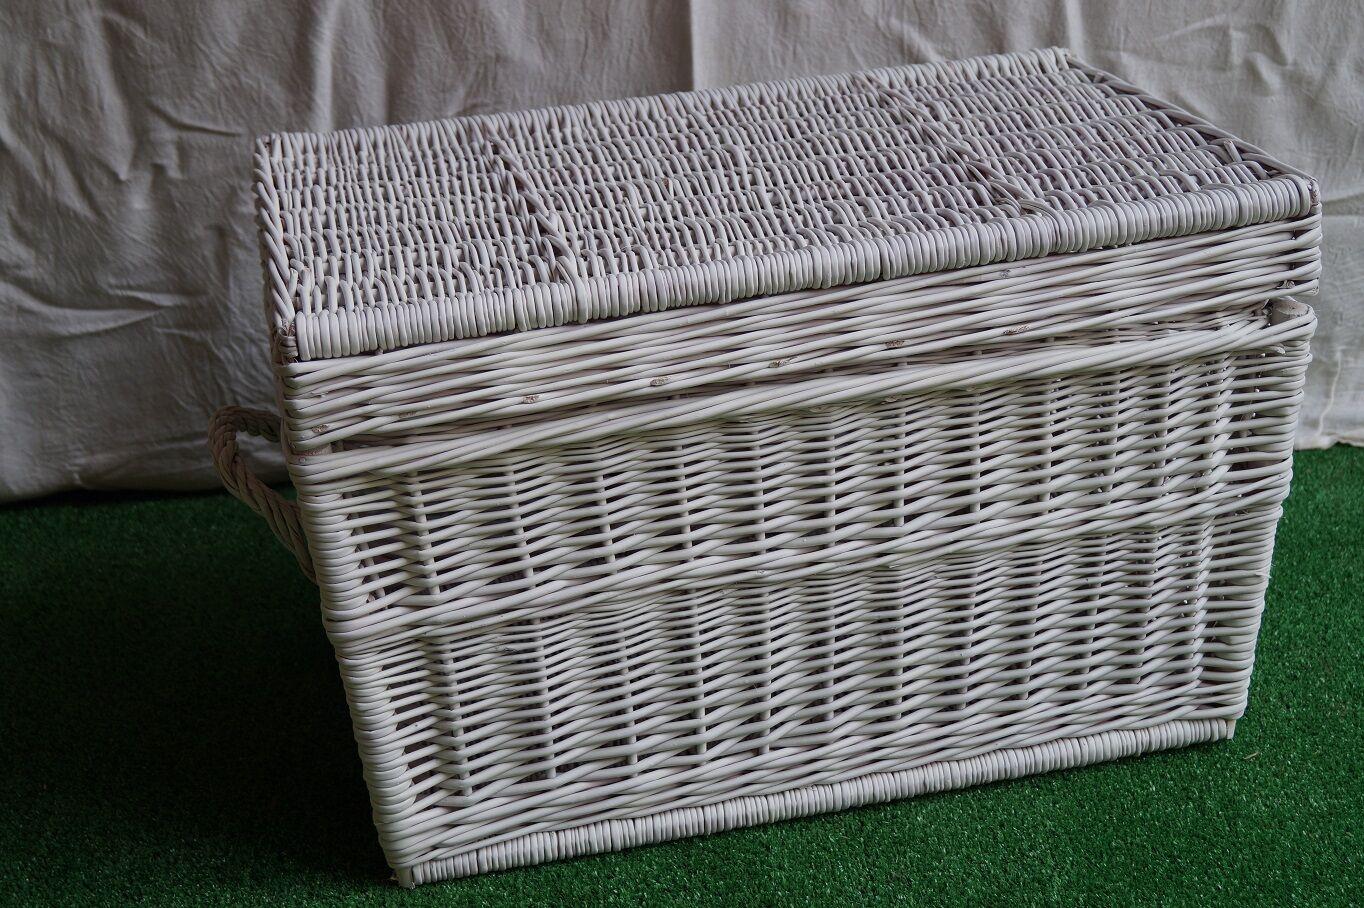 Flechtweide Kasten Aufbewahrungs Koffer Koffer Koffer Lösung Weide Box Deckel Spielzeug Leinen aeaec3